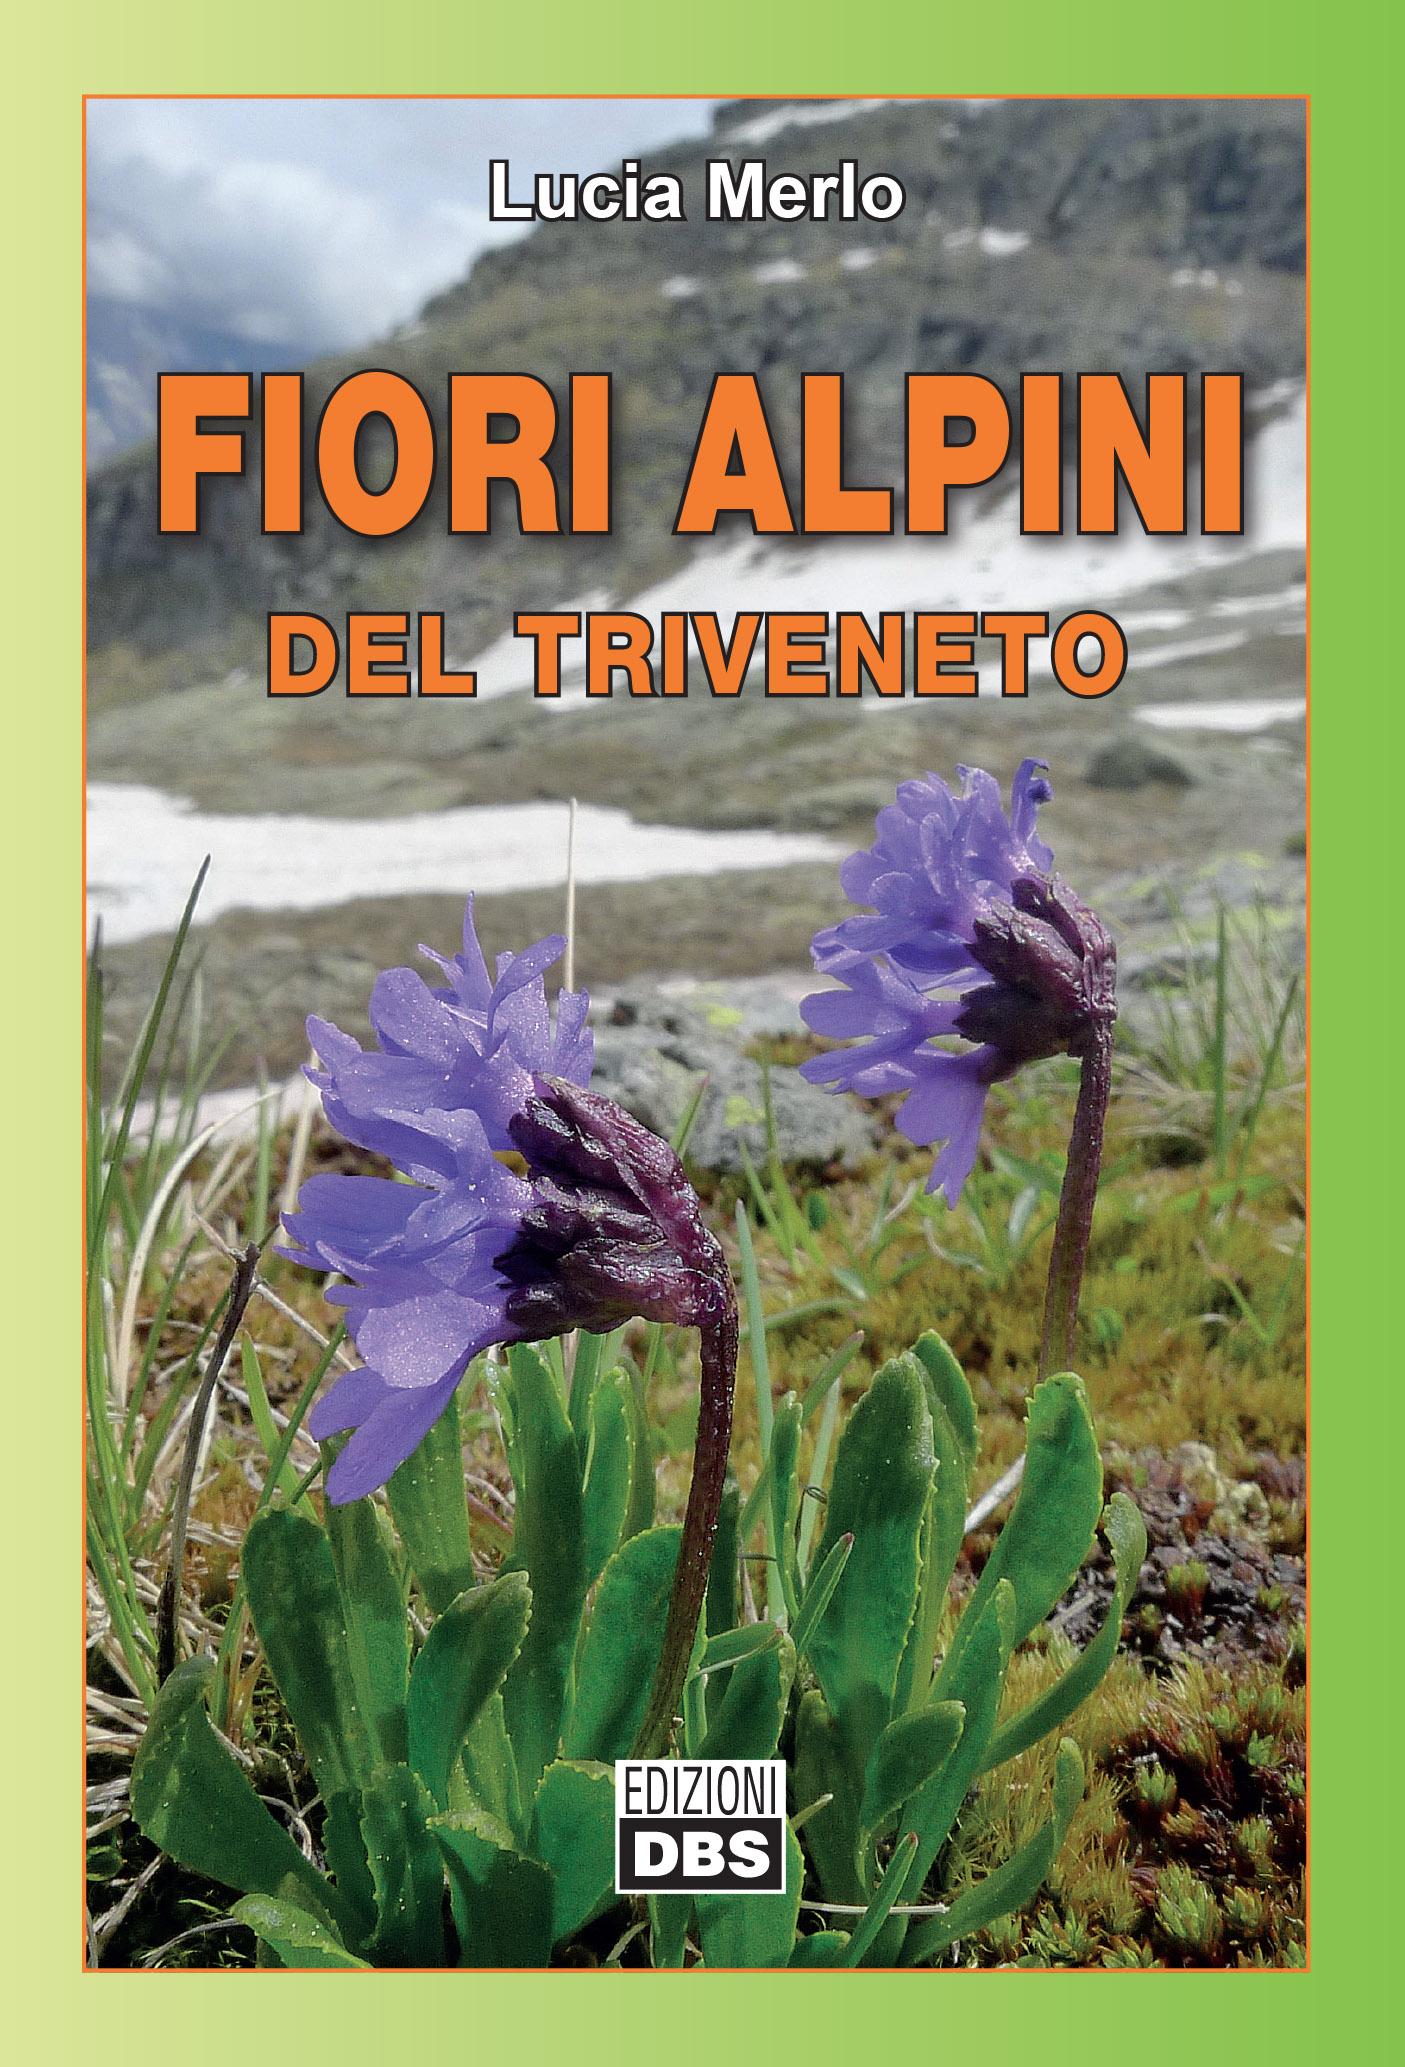 Fiori 2017 Veneto.Fiori Alpini Del Triveneto Fiori Alpini Di Veneto Trentino Alto